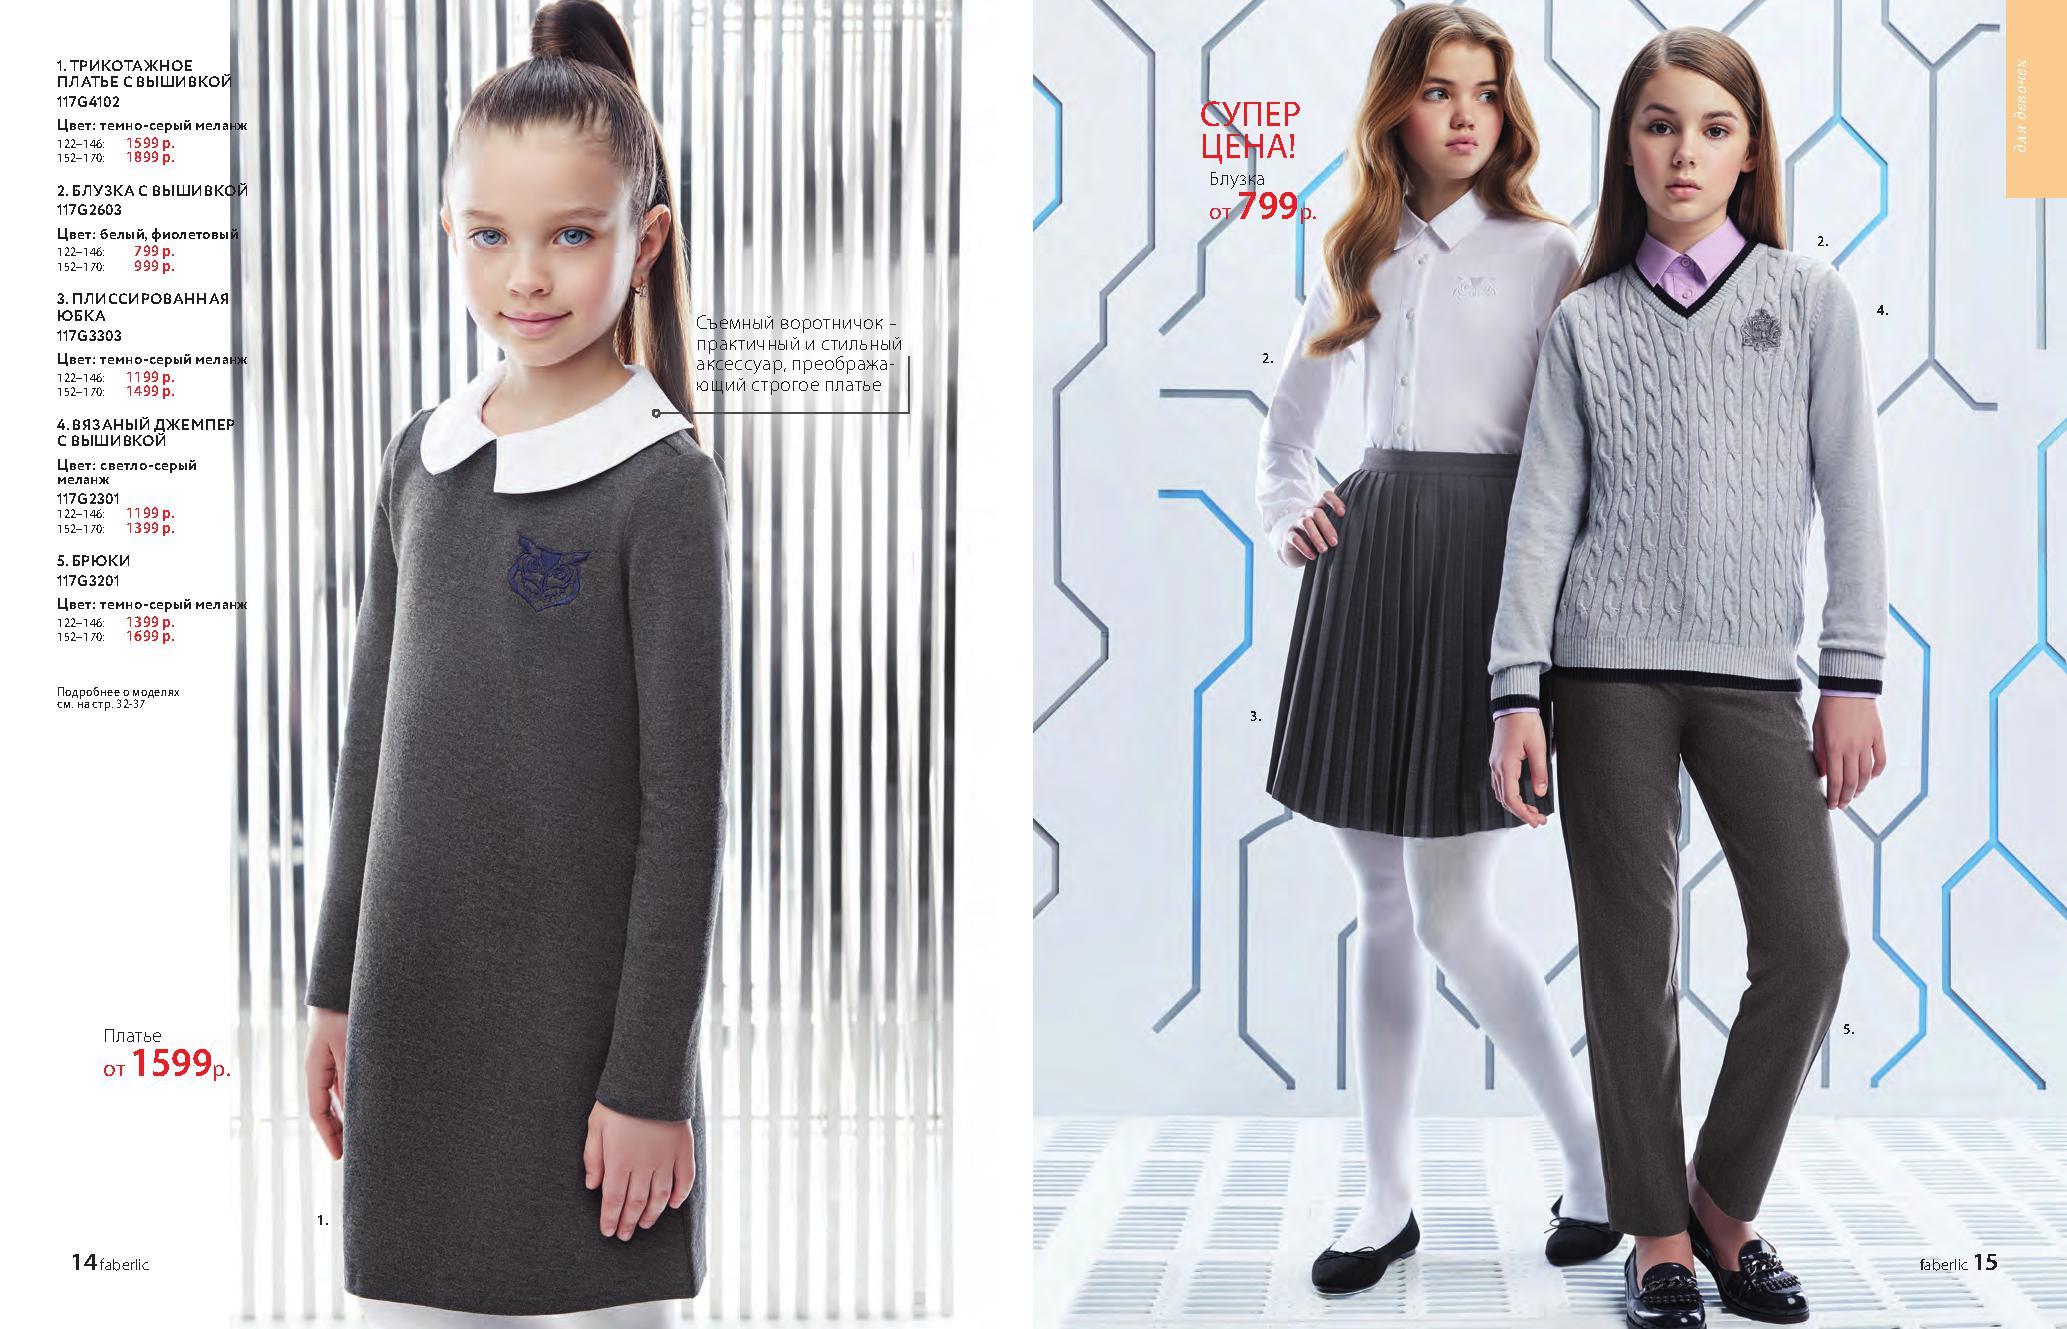 5e4f74a40921 фаберлик школьная коллекция, фаберлик школьная одежда для детей ...